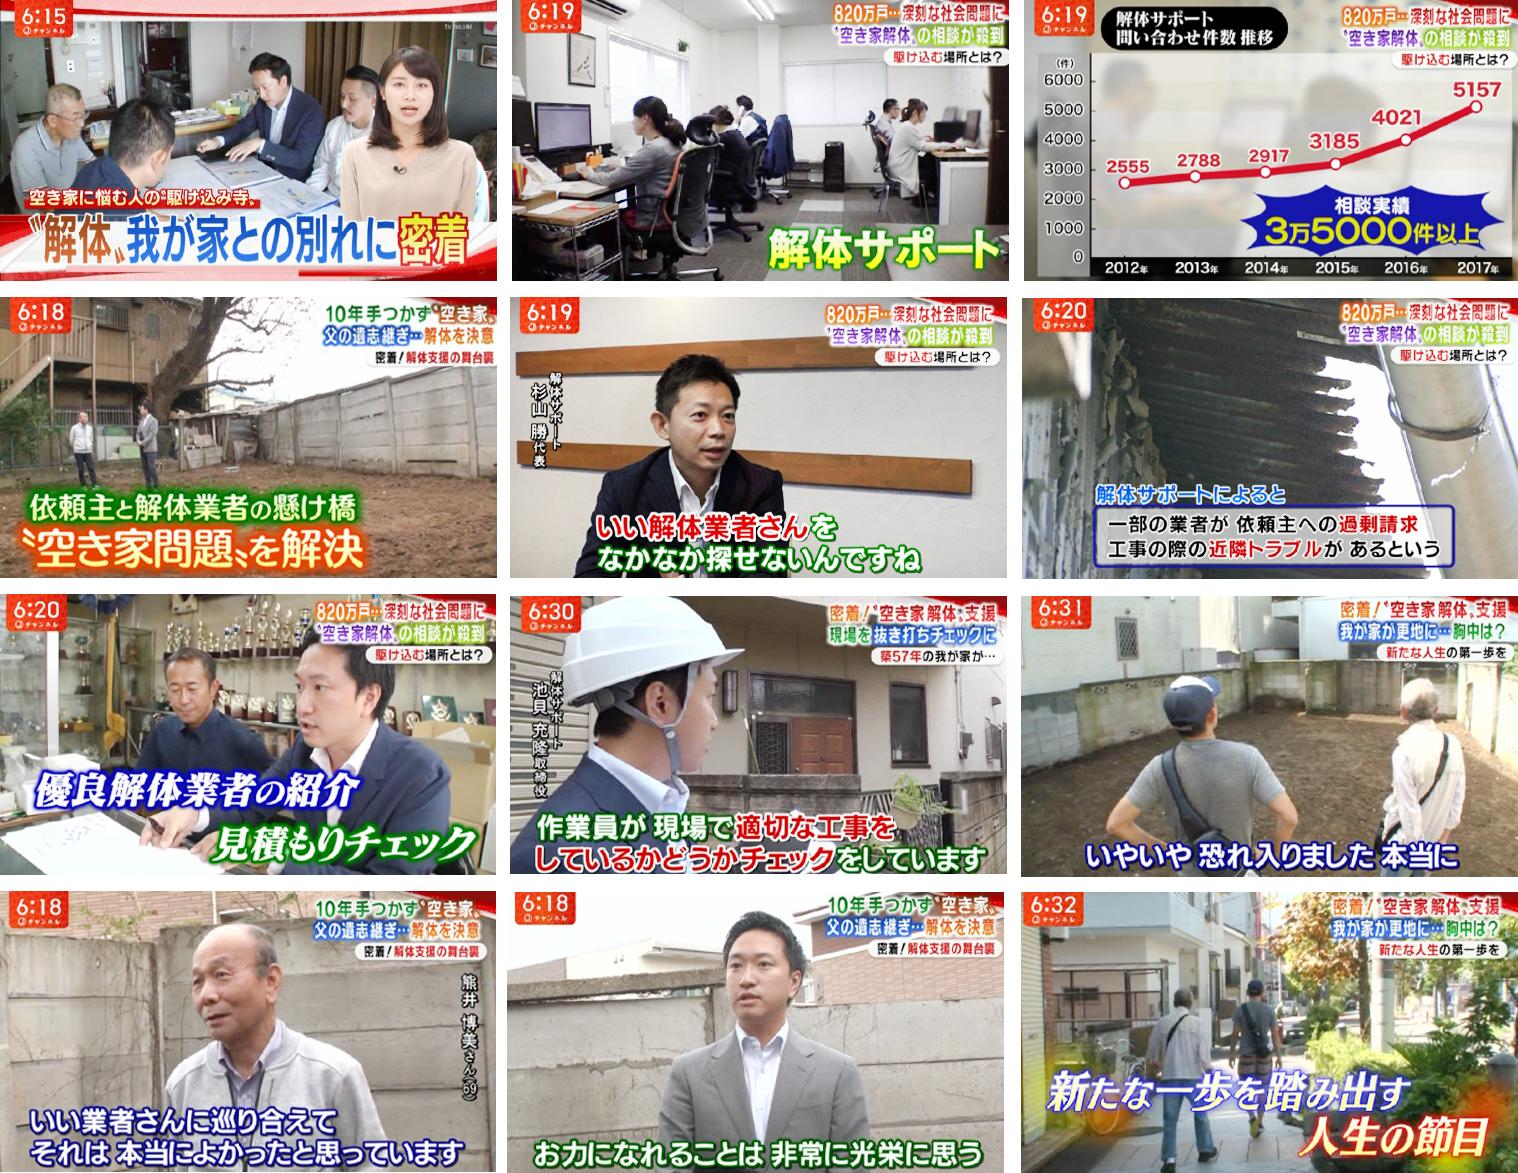 テレビ朝日【スーパーJチャンネル】で解体サポートが紹介されました